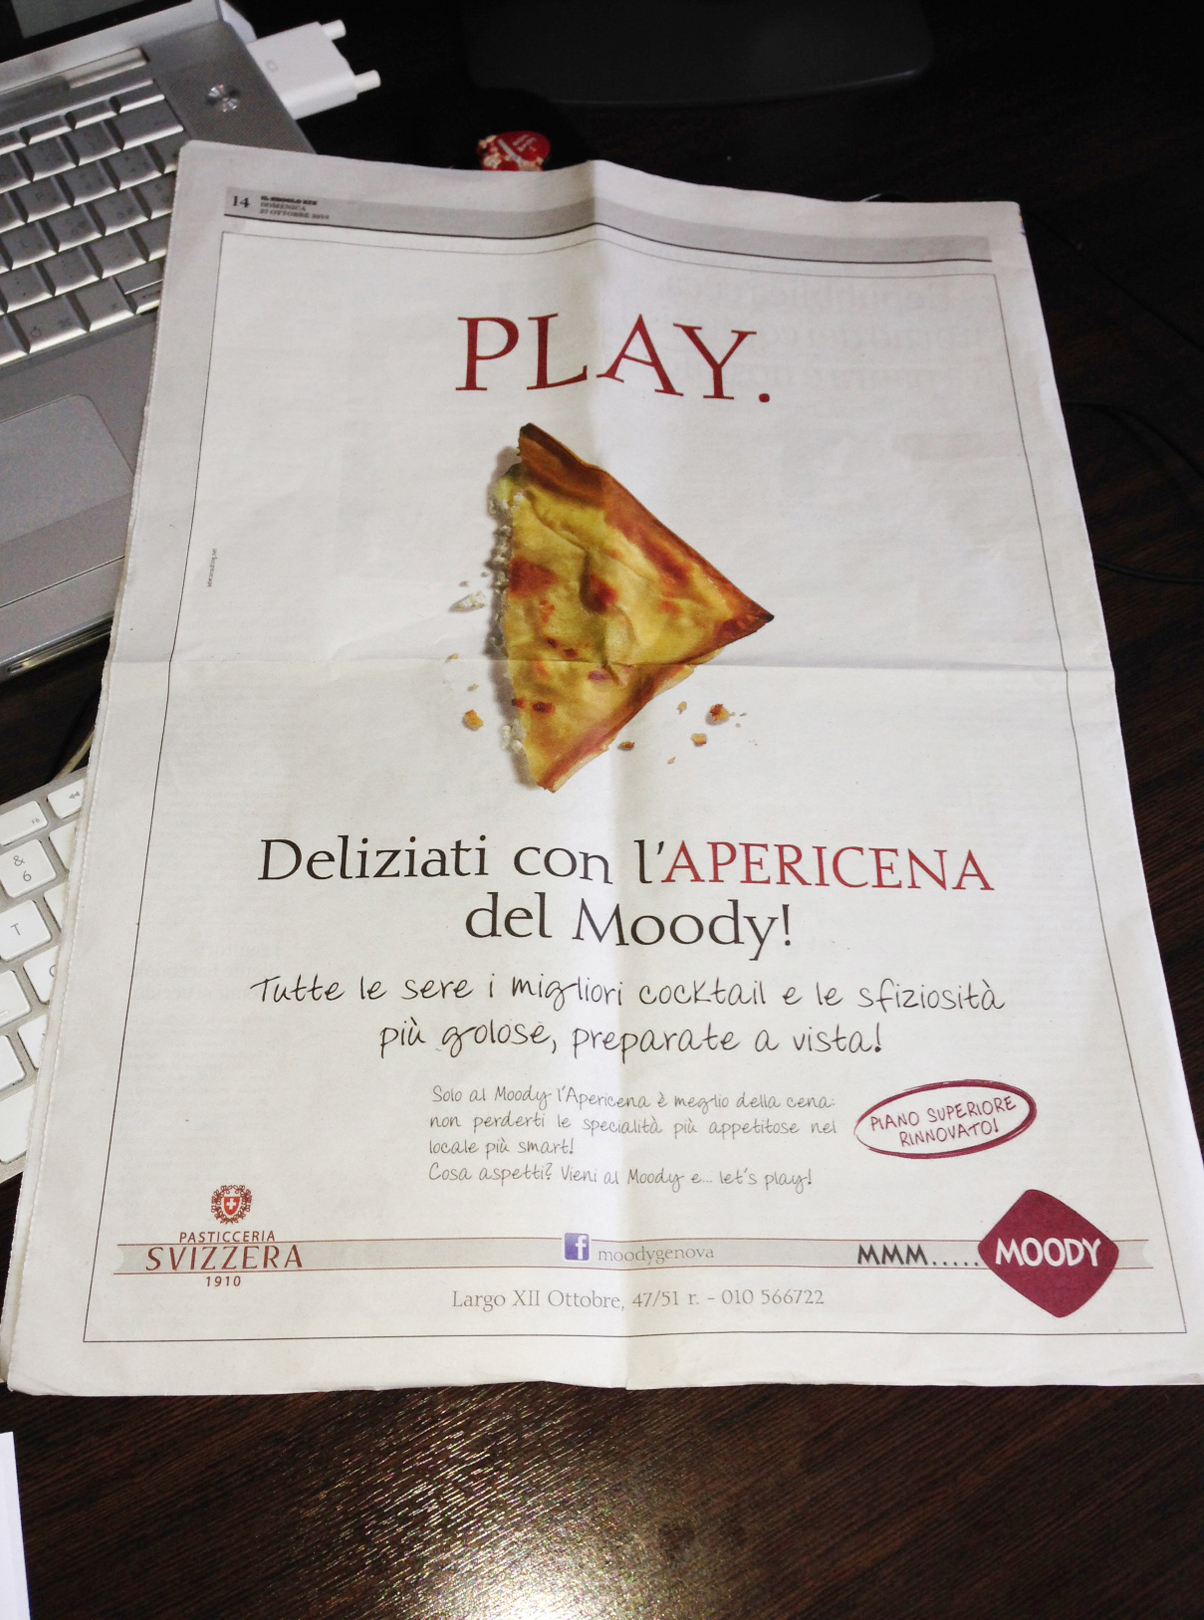 moody_campagna_play_08